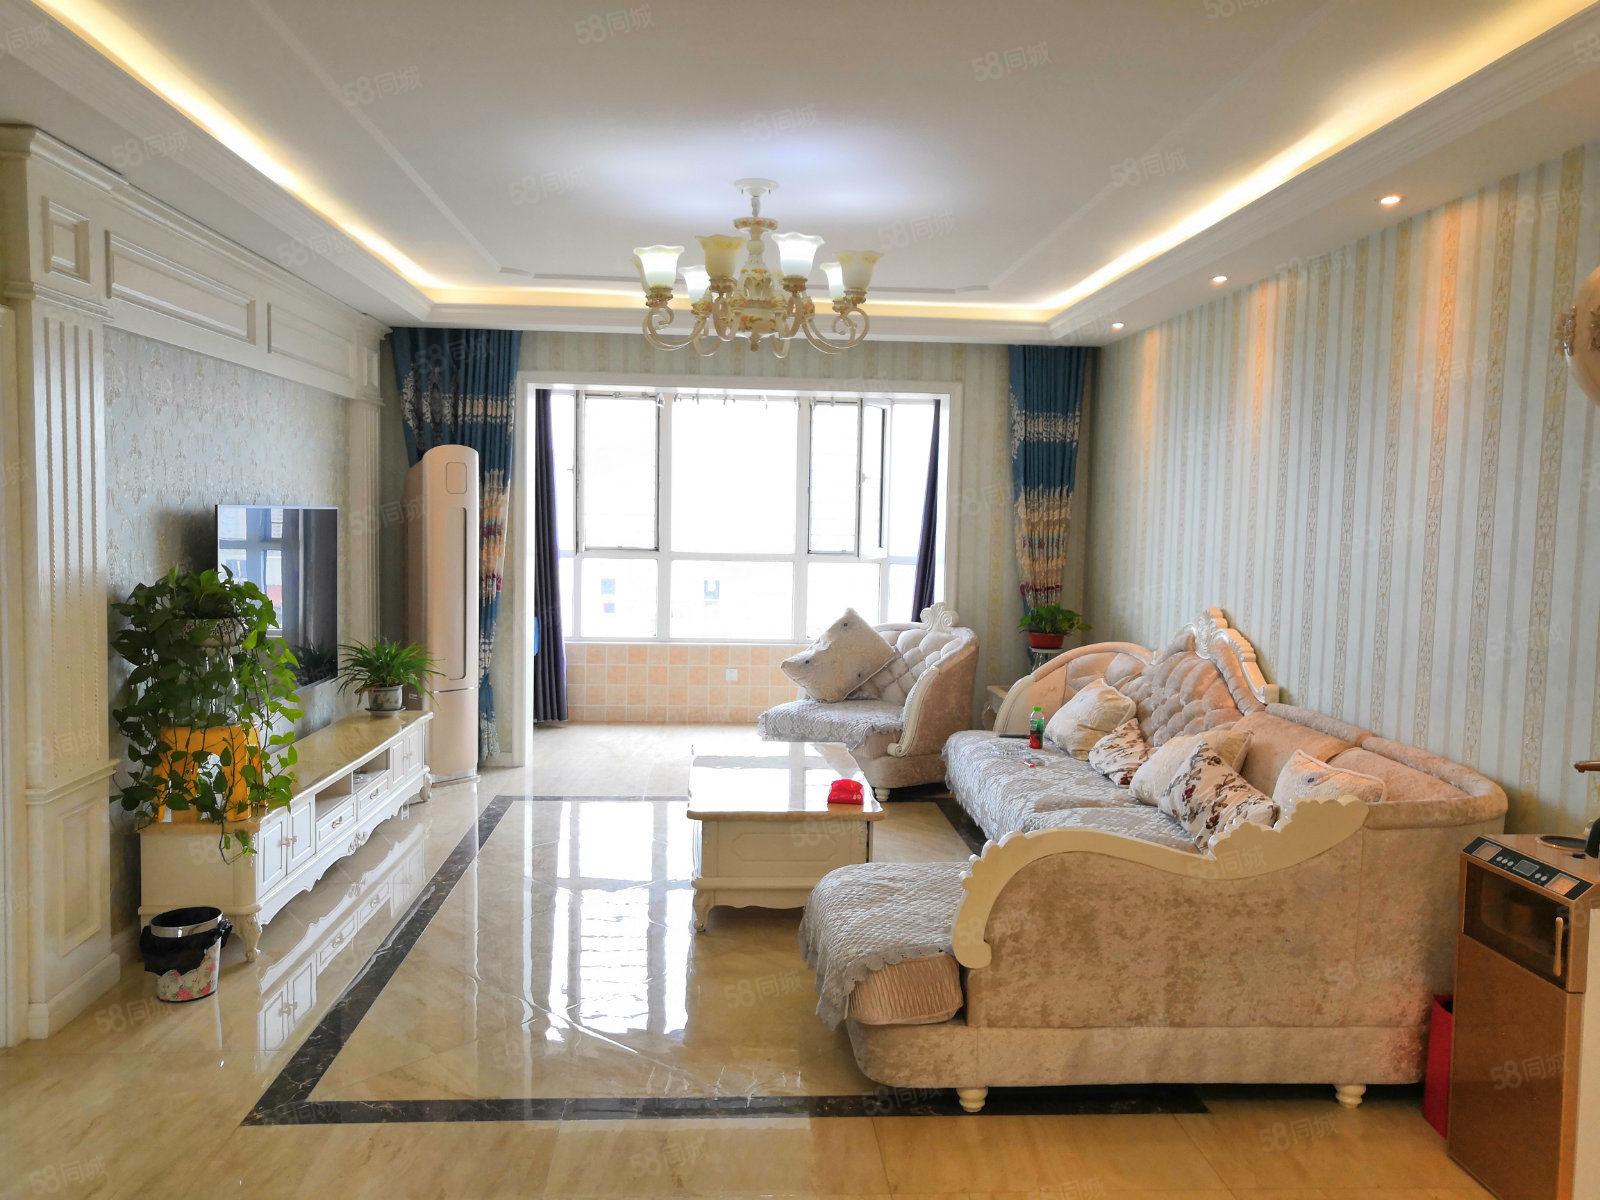 悅鑫花苑3室精裝可按揭貸款高層拎包入住基本很少住